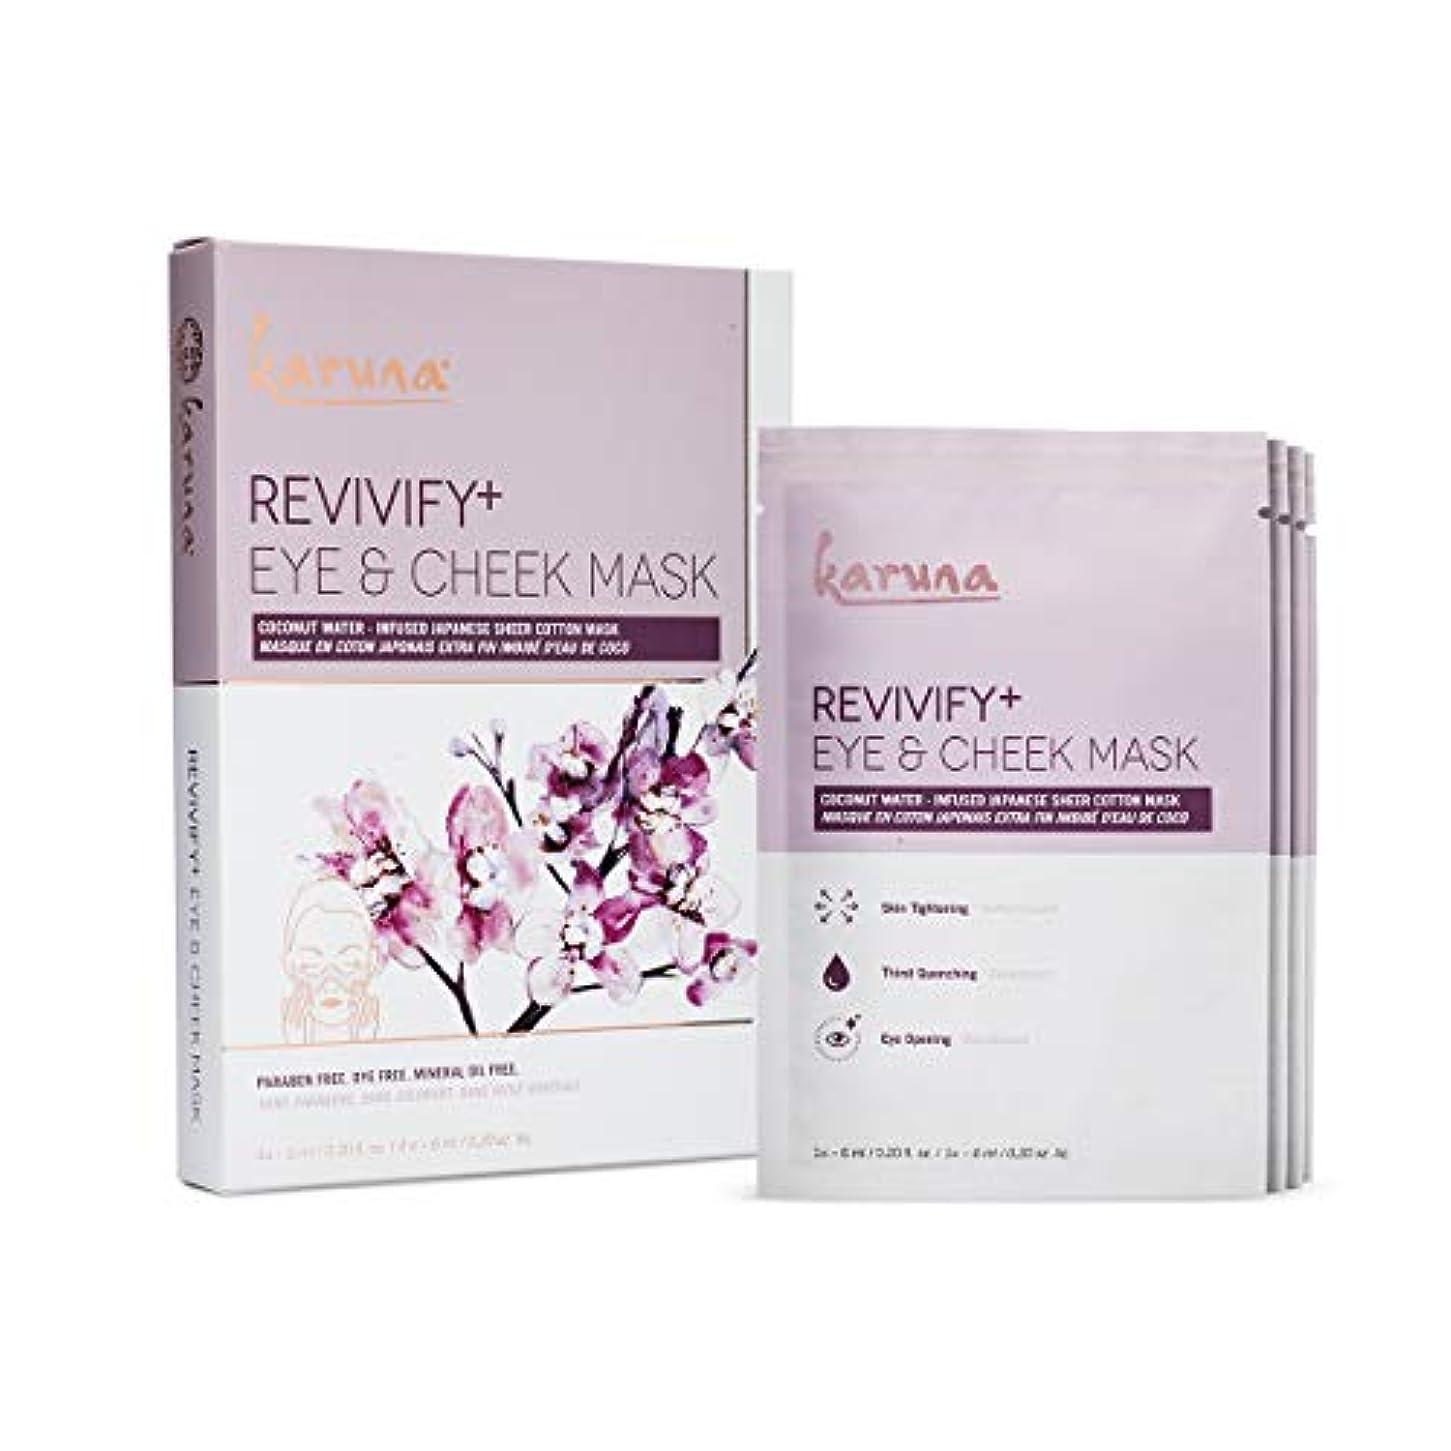 十代血色の良いキャメルKaruna Revivify+ Eye & Cheek Mask 4sheets並行輸入品